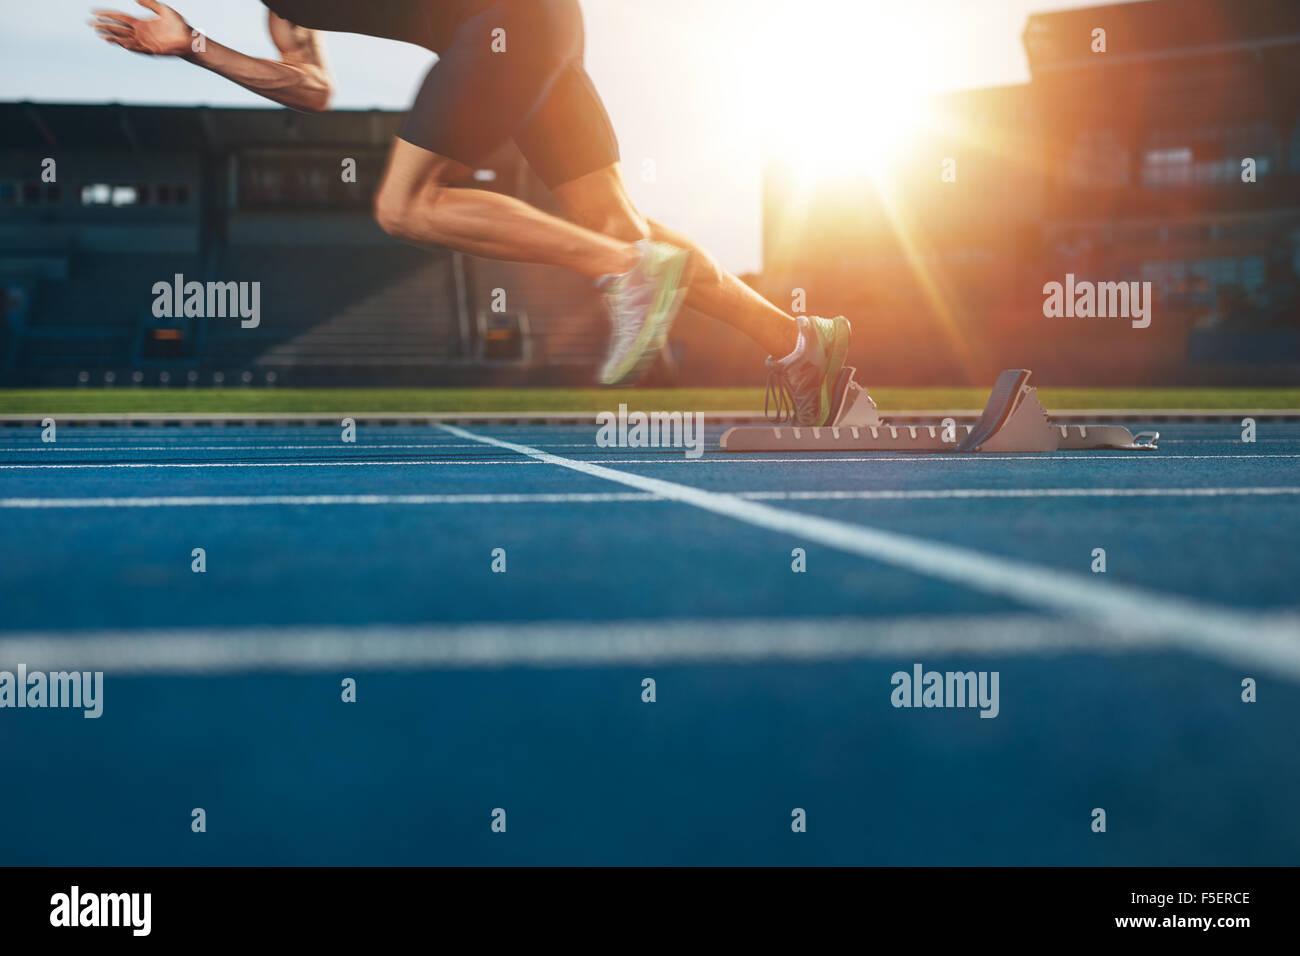 Atleta che corre sulla pista di atletica. Sezione bassa shot dei maschi di runner la partenza sprint dalla linea Immagini Stock